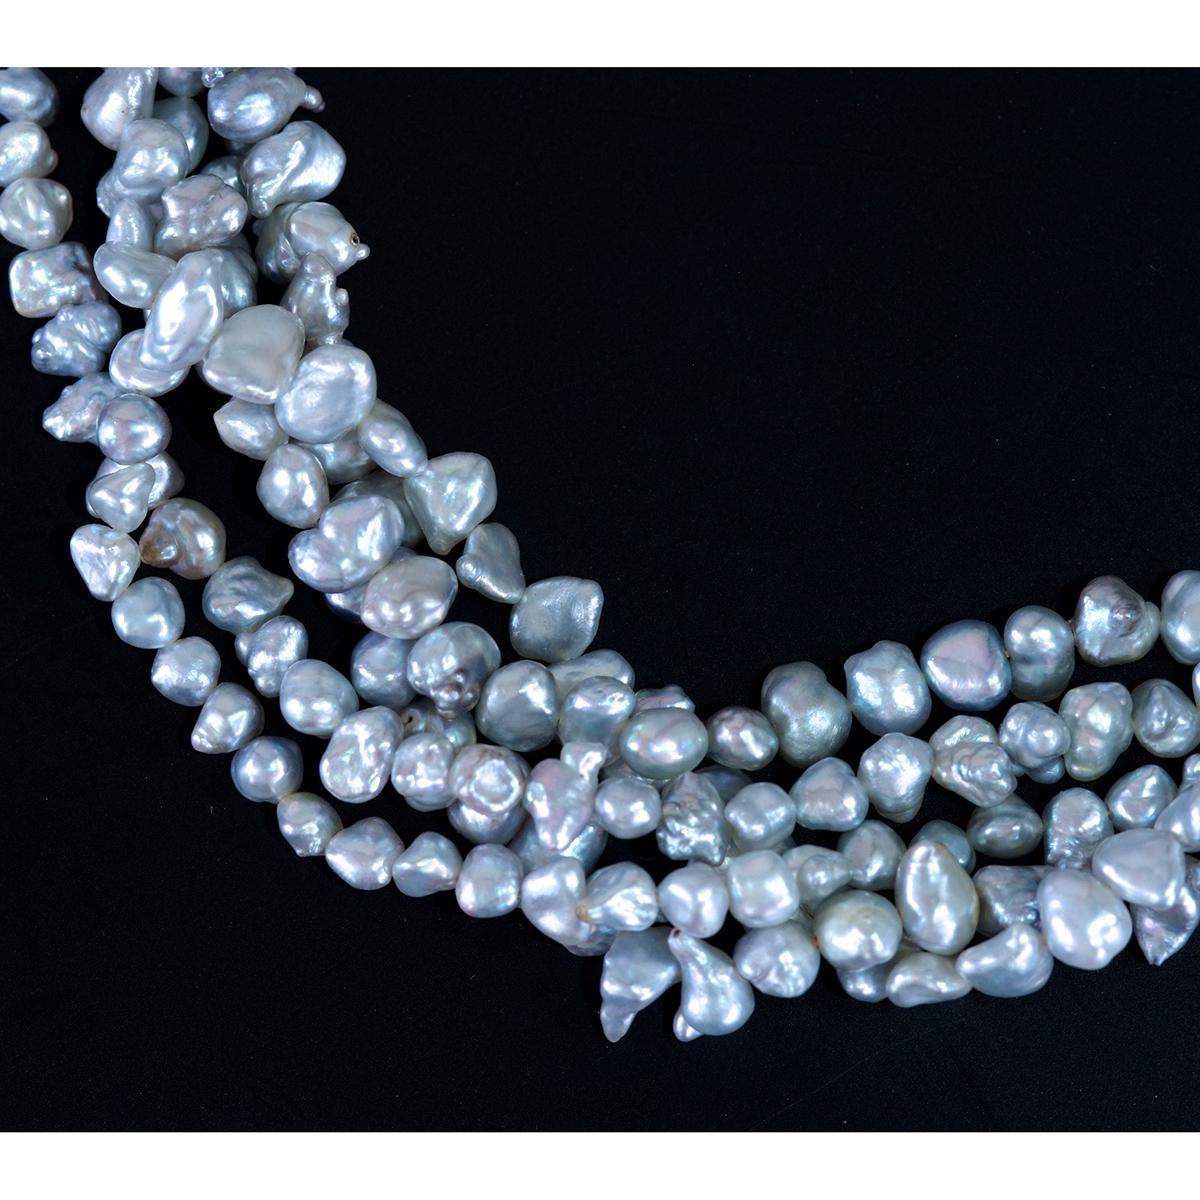 E8241 芥子真珠 天然絶品ダイヤモンド0.97ct 最高級18金無垢5連ネックレス 長さ40cm 重量48.3g バチカンの幅16.5×28.7mm_画像3